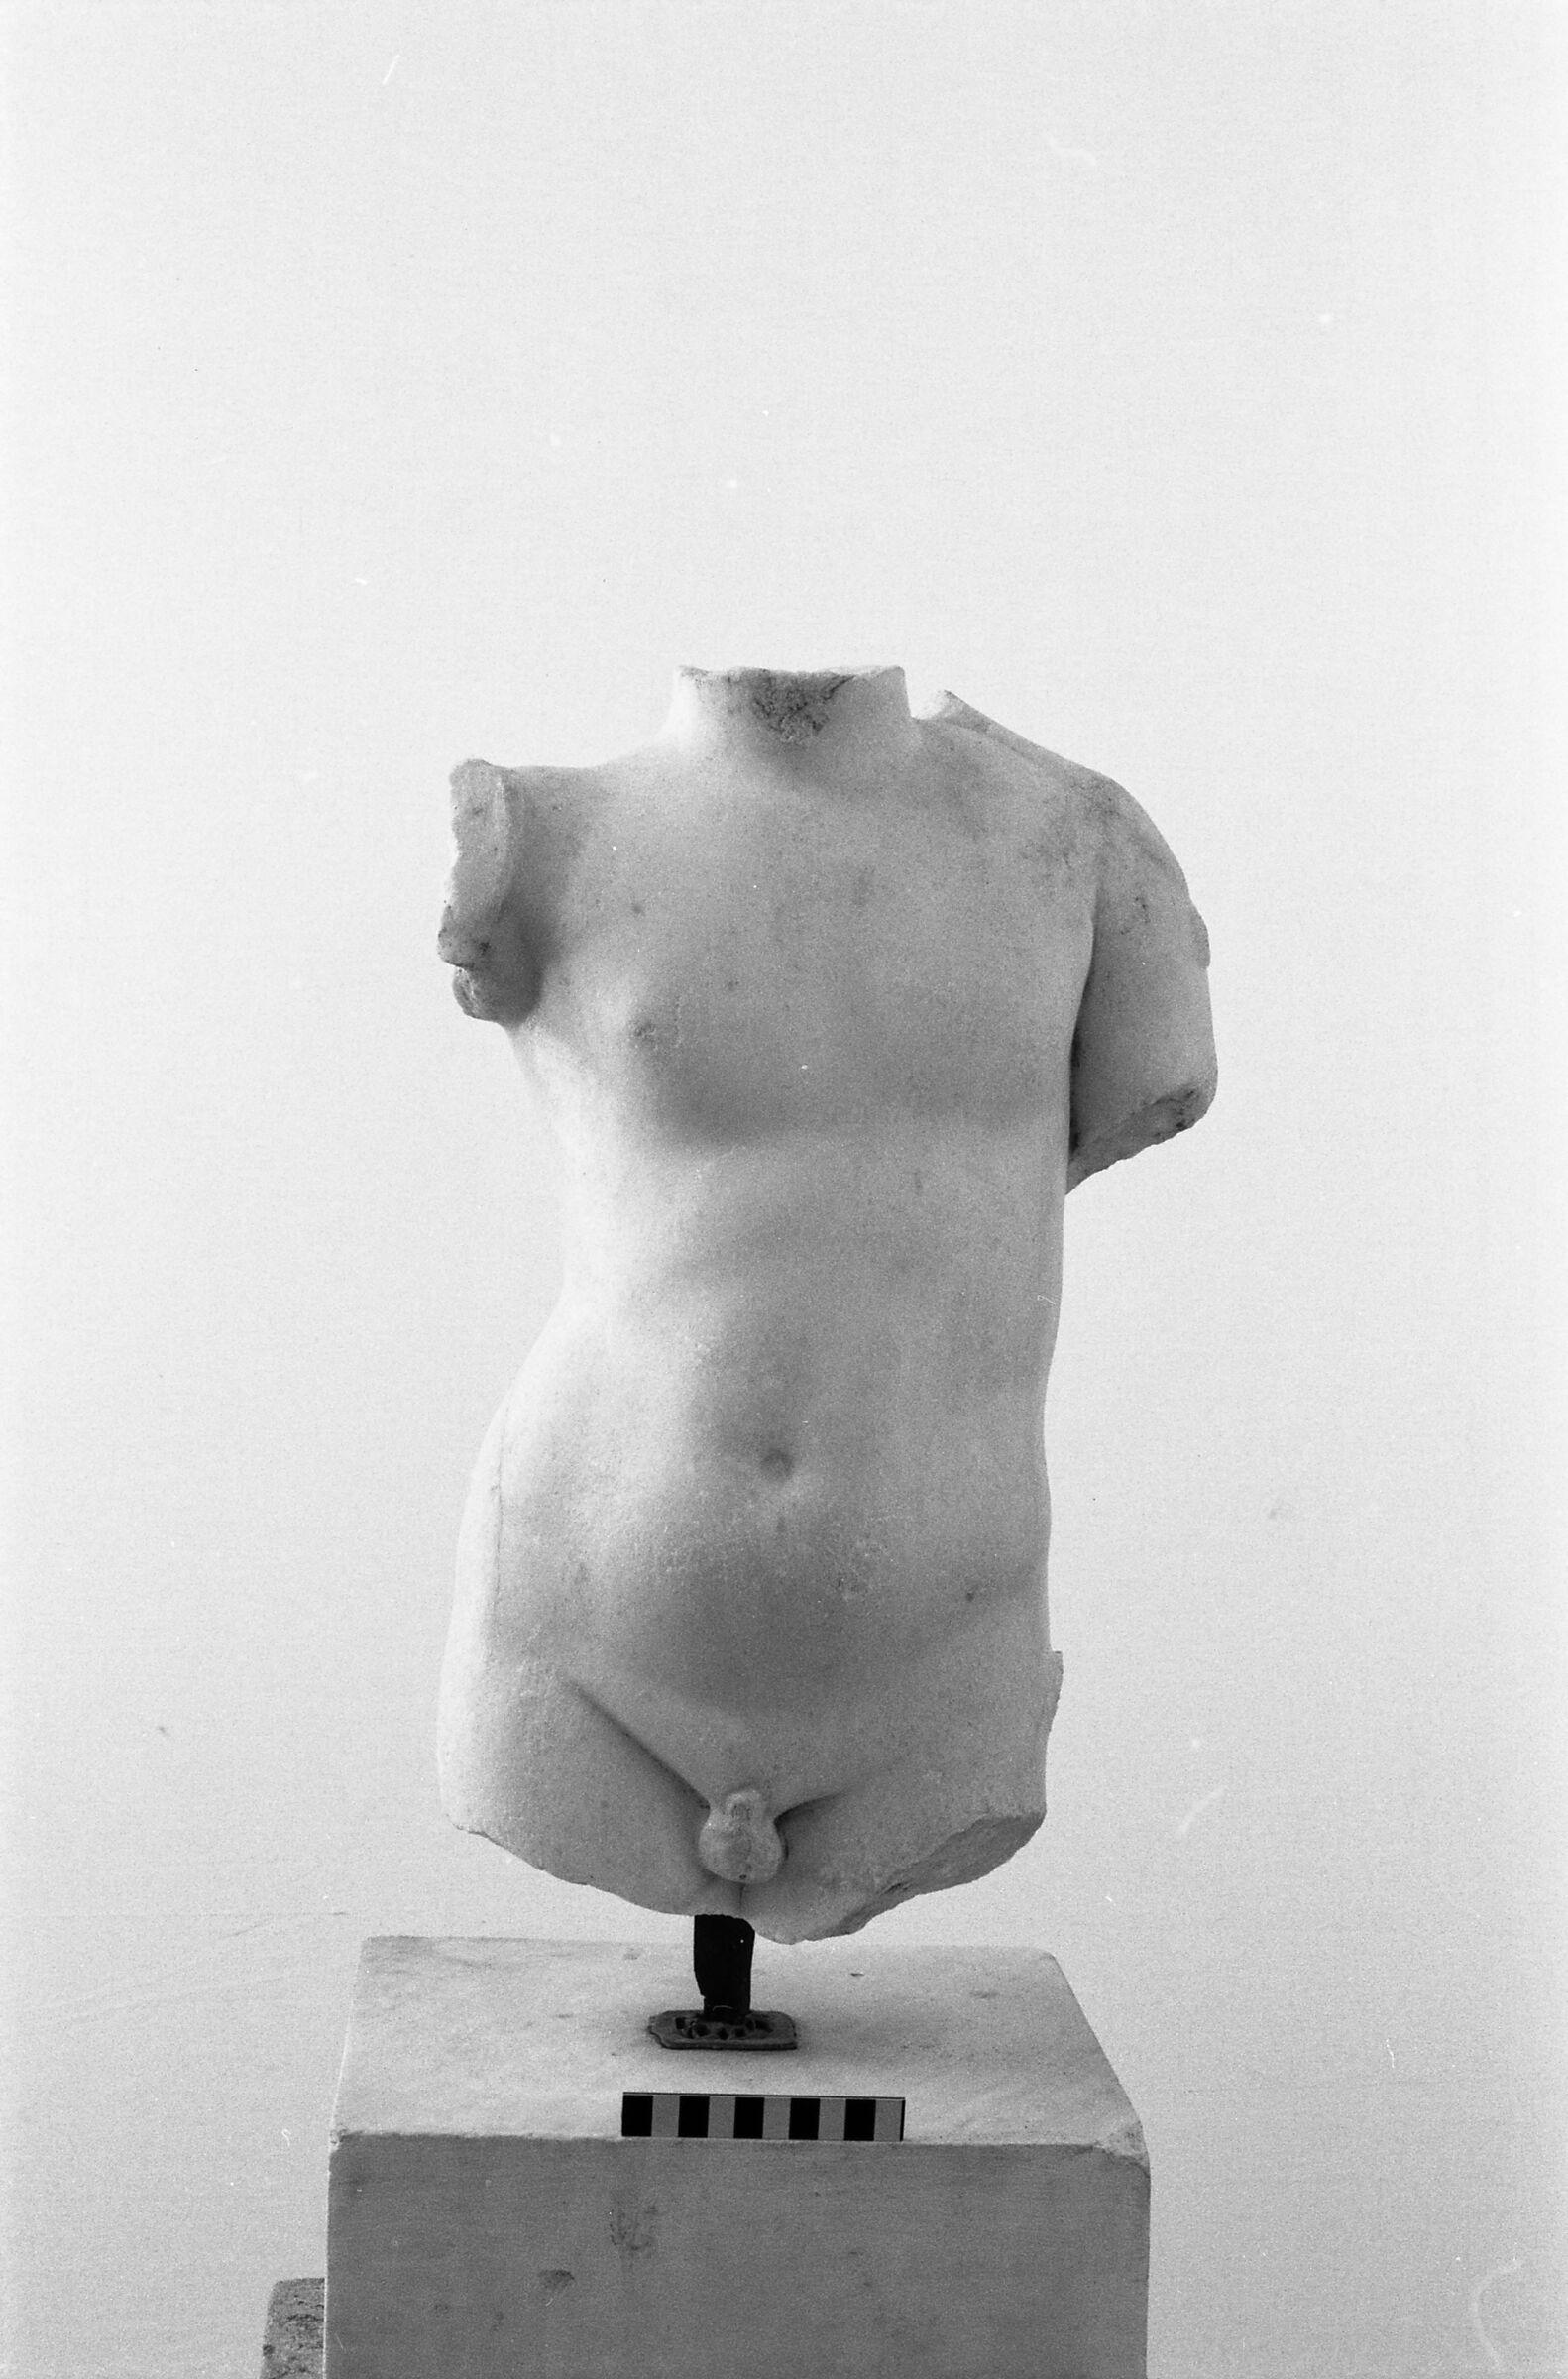 Bir sporcunun gövde mermer heykeli